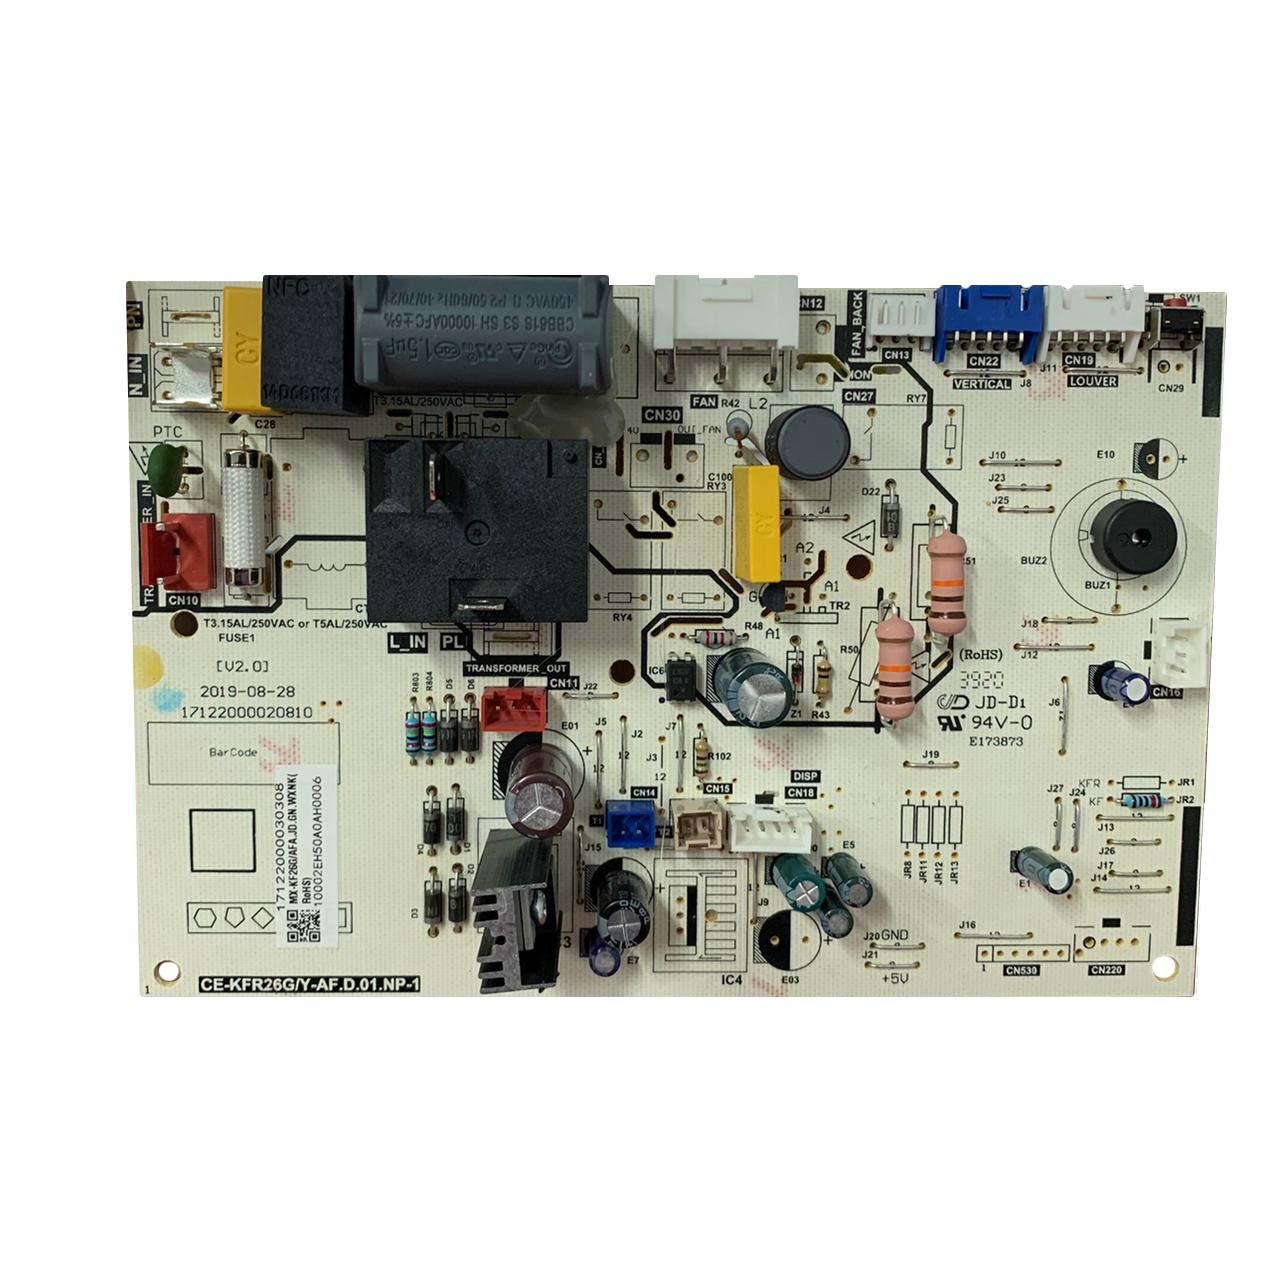 Placa Eletrônica Ar Condicionado Evaporadora Springer 9.000 Btus 42AFCD09A5 17122000030308